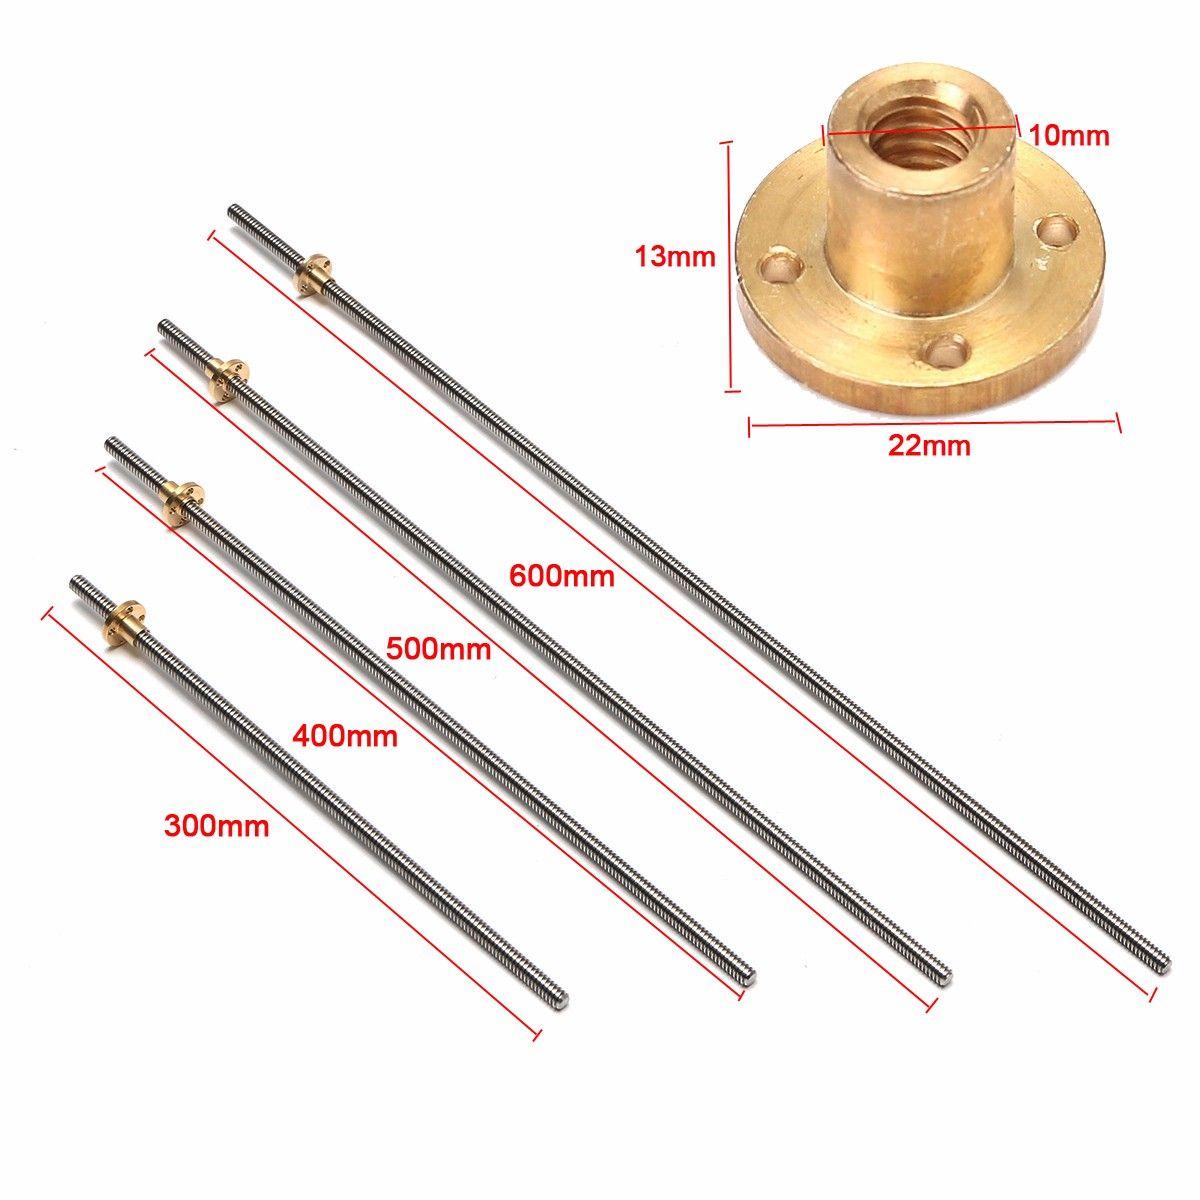 8mm gewindestange Splitter edelstahl gewindespindel 300/400/500/600 MM + T8 Messing mutter Für CNC-3D-DRUCKER Reprap Zubehör